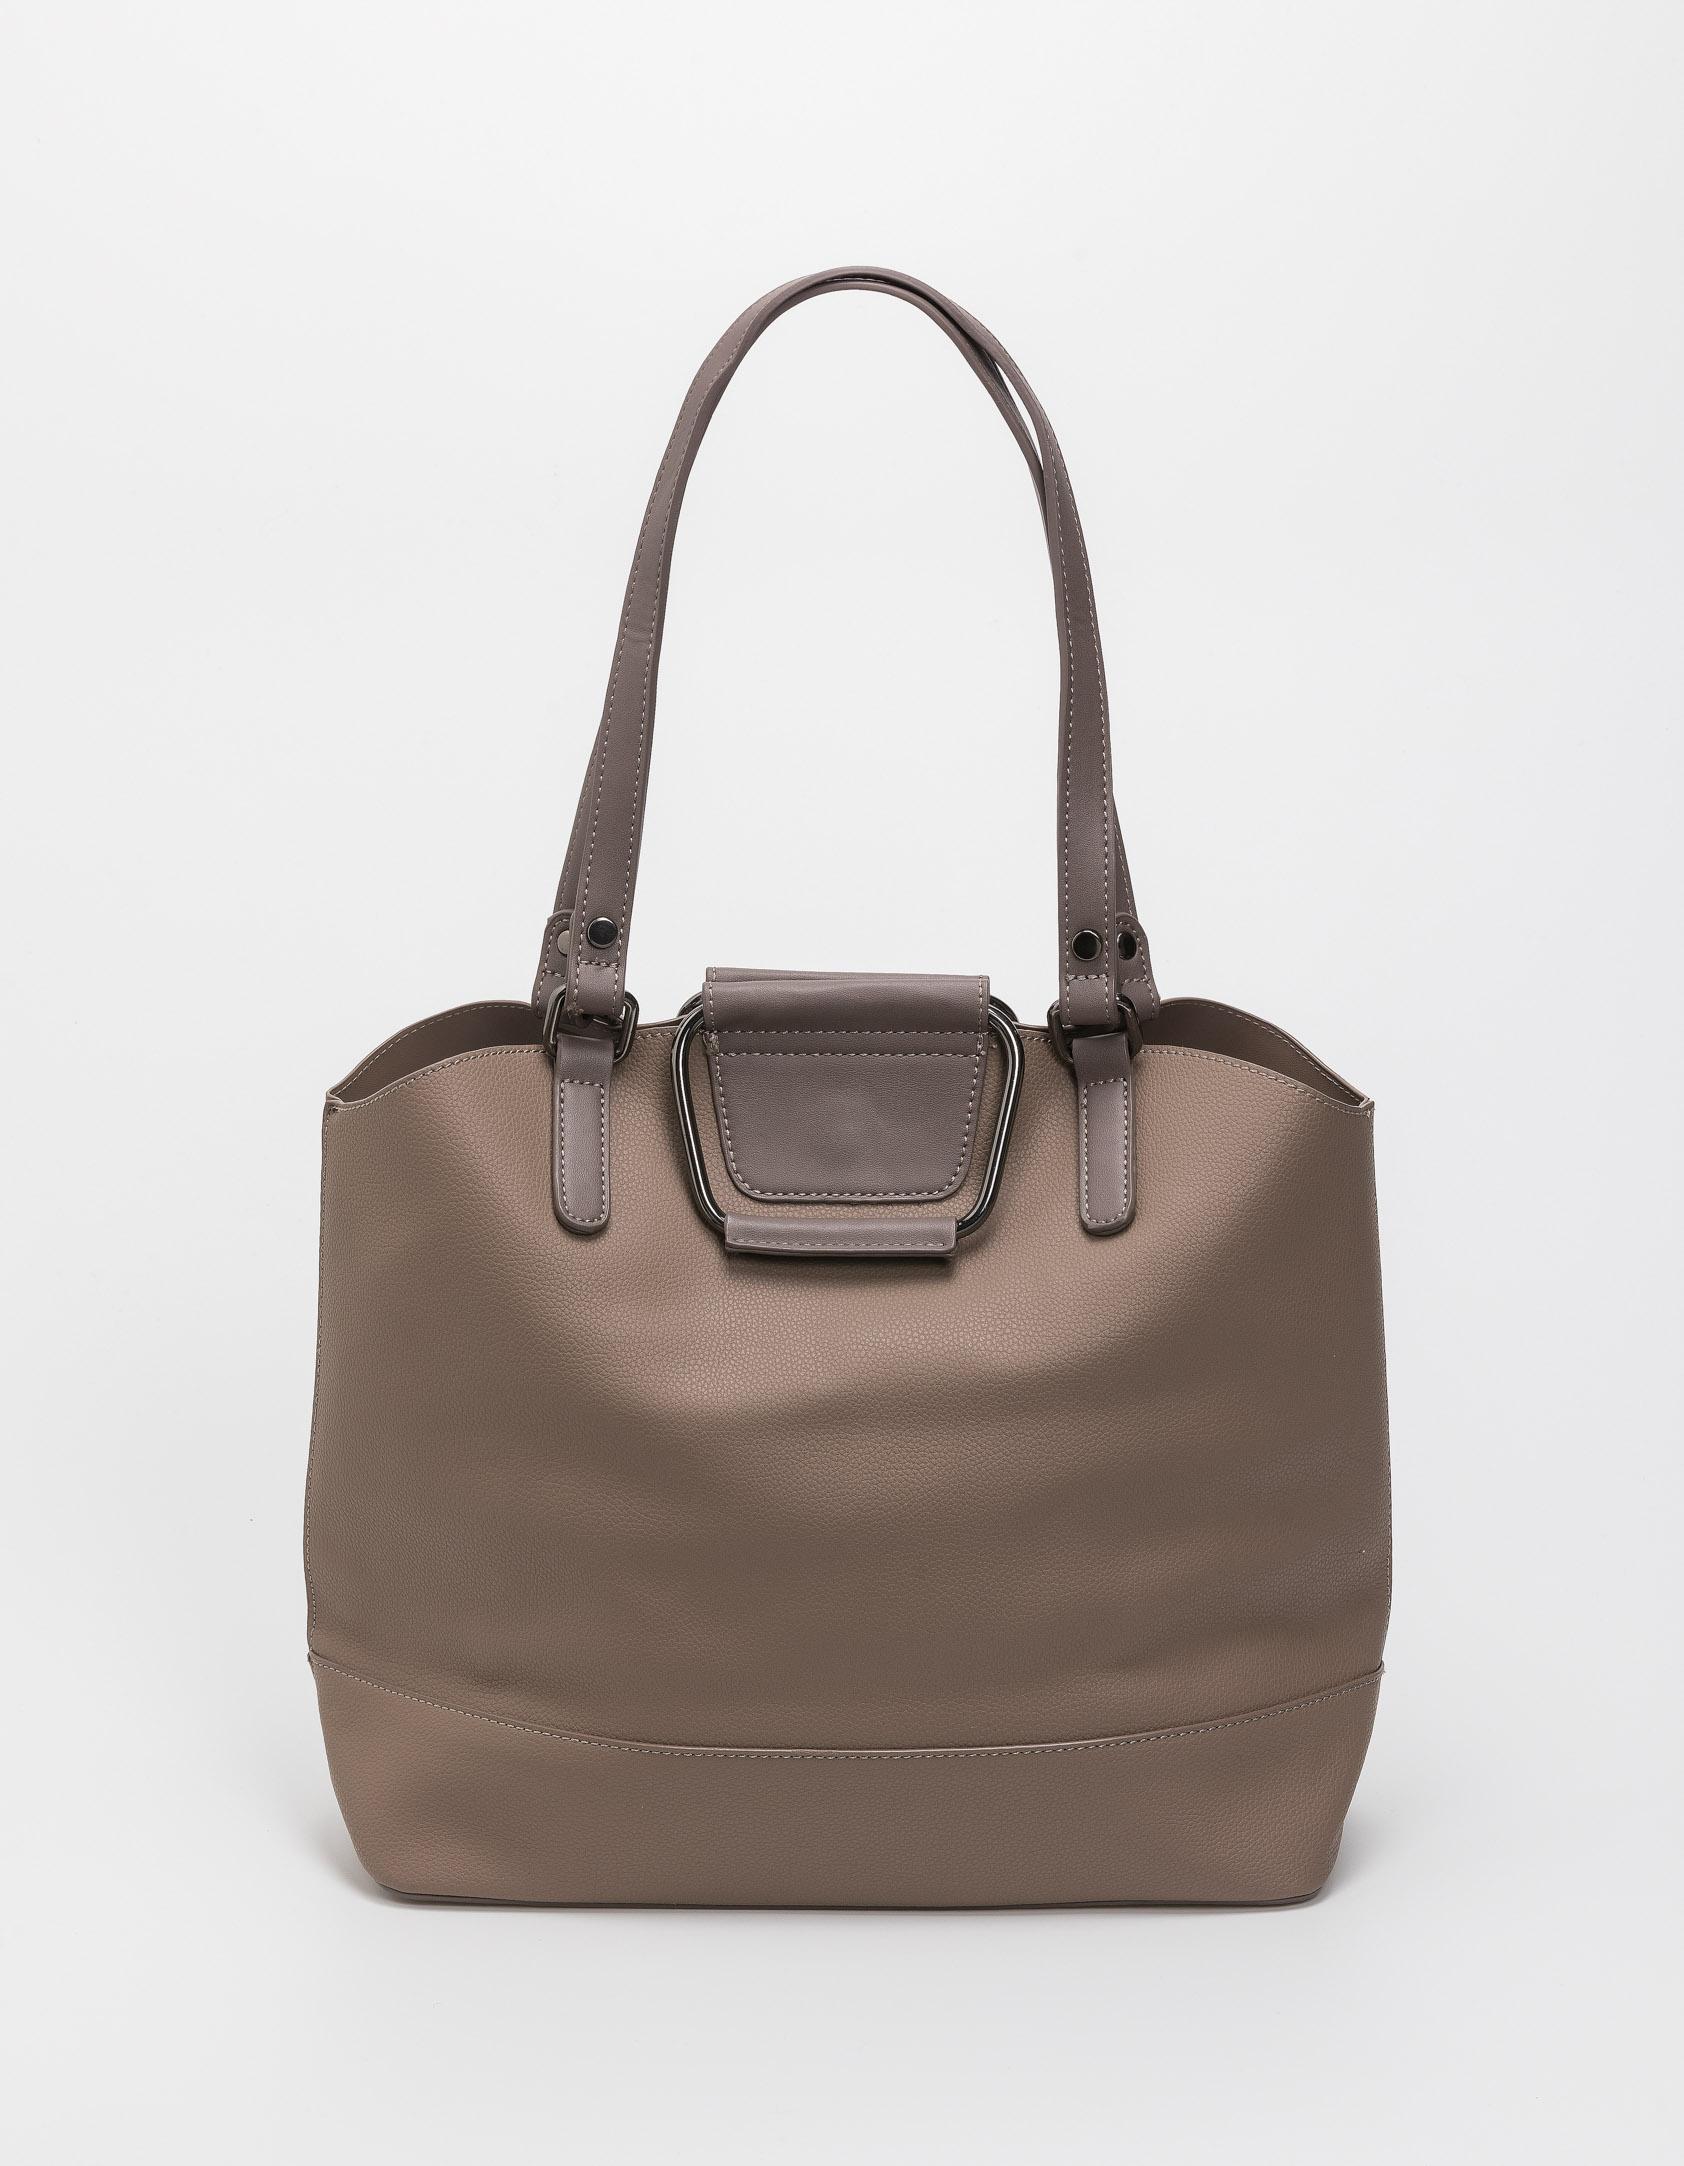 Τσάντα ώμου με μεταλλικές λεπτομέρειες - Πούρο